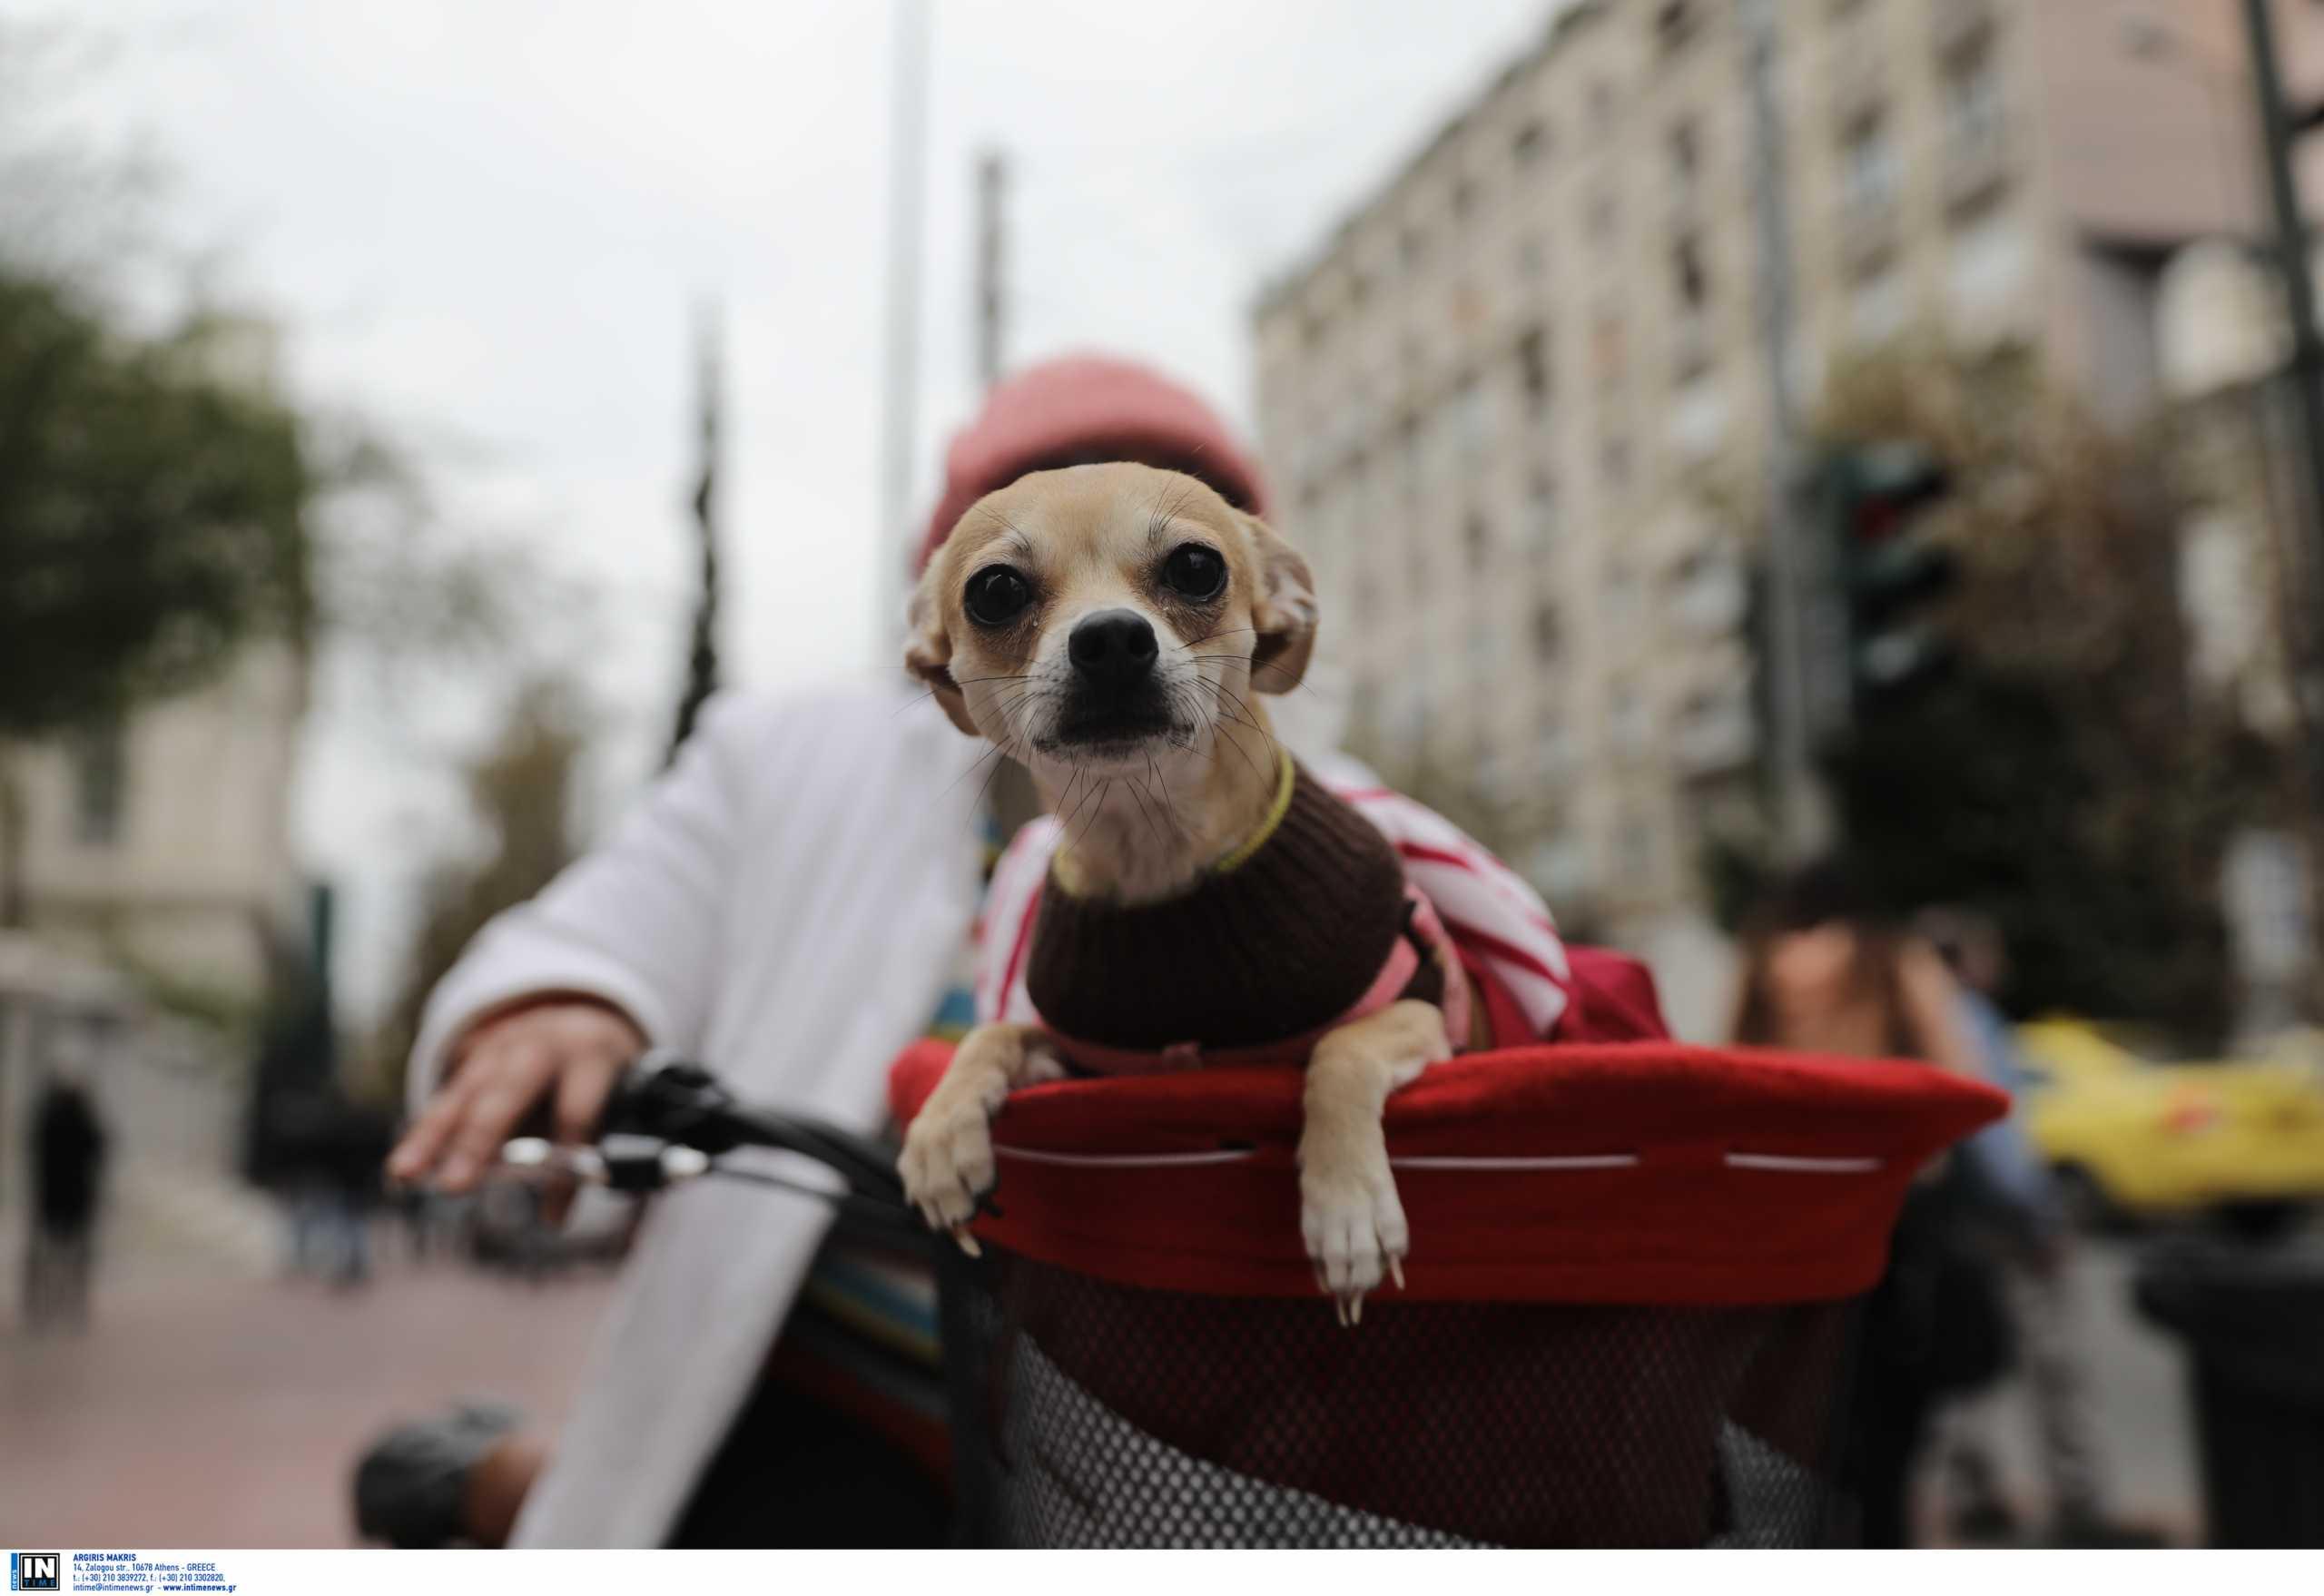 Ζώα συντροφιάς: Σε δημόσια διαβούλευση το νομοσχέδιο του υπουργείου Εσωτερικών